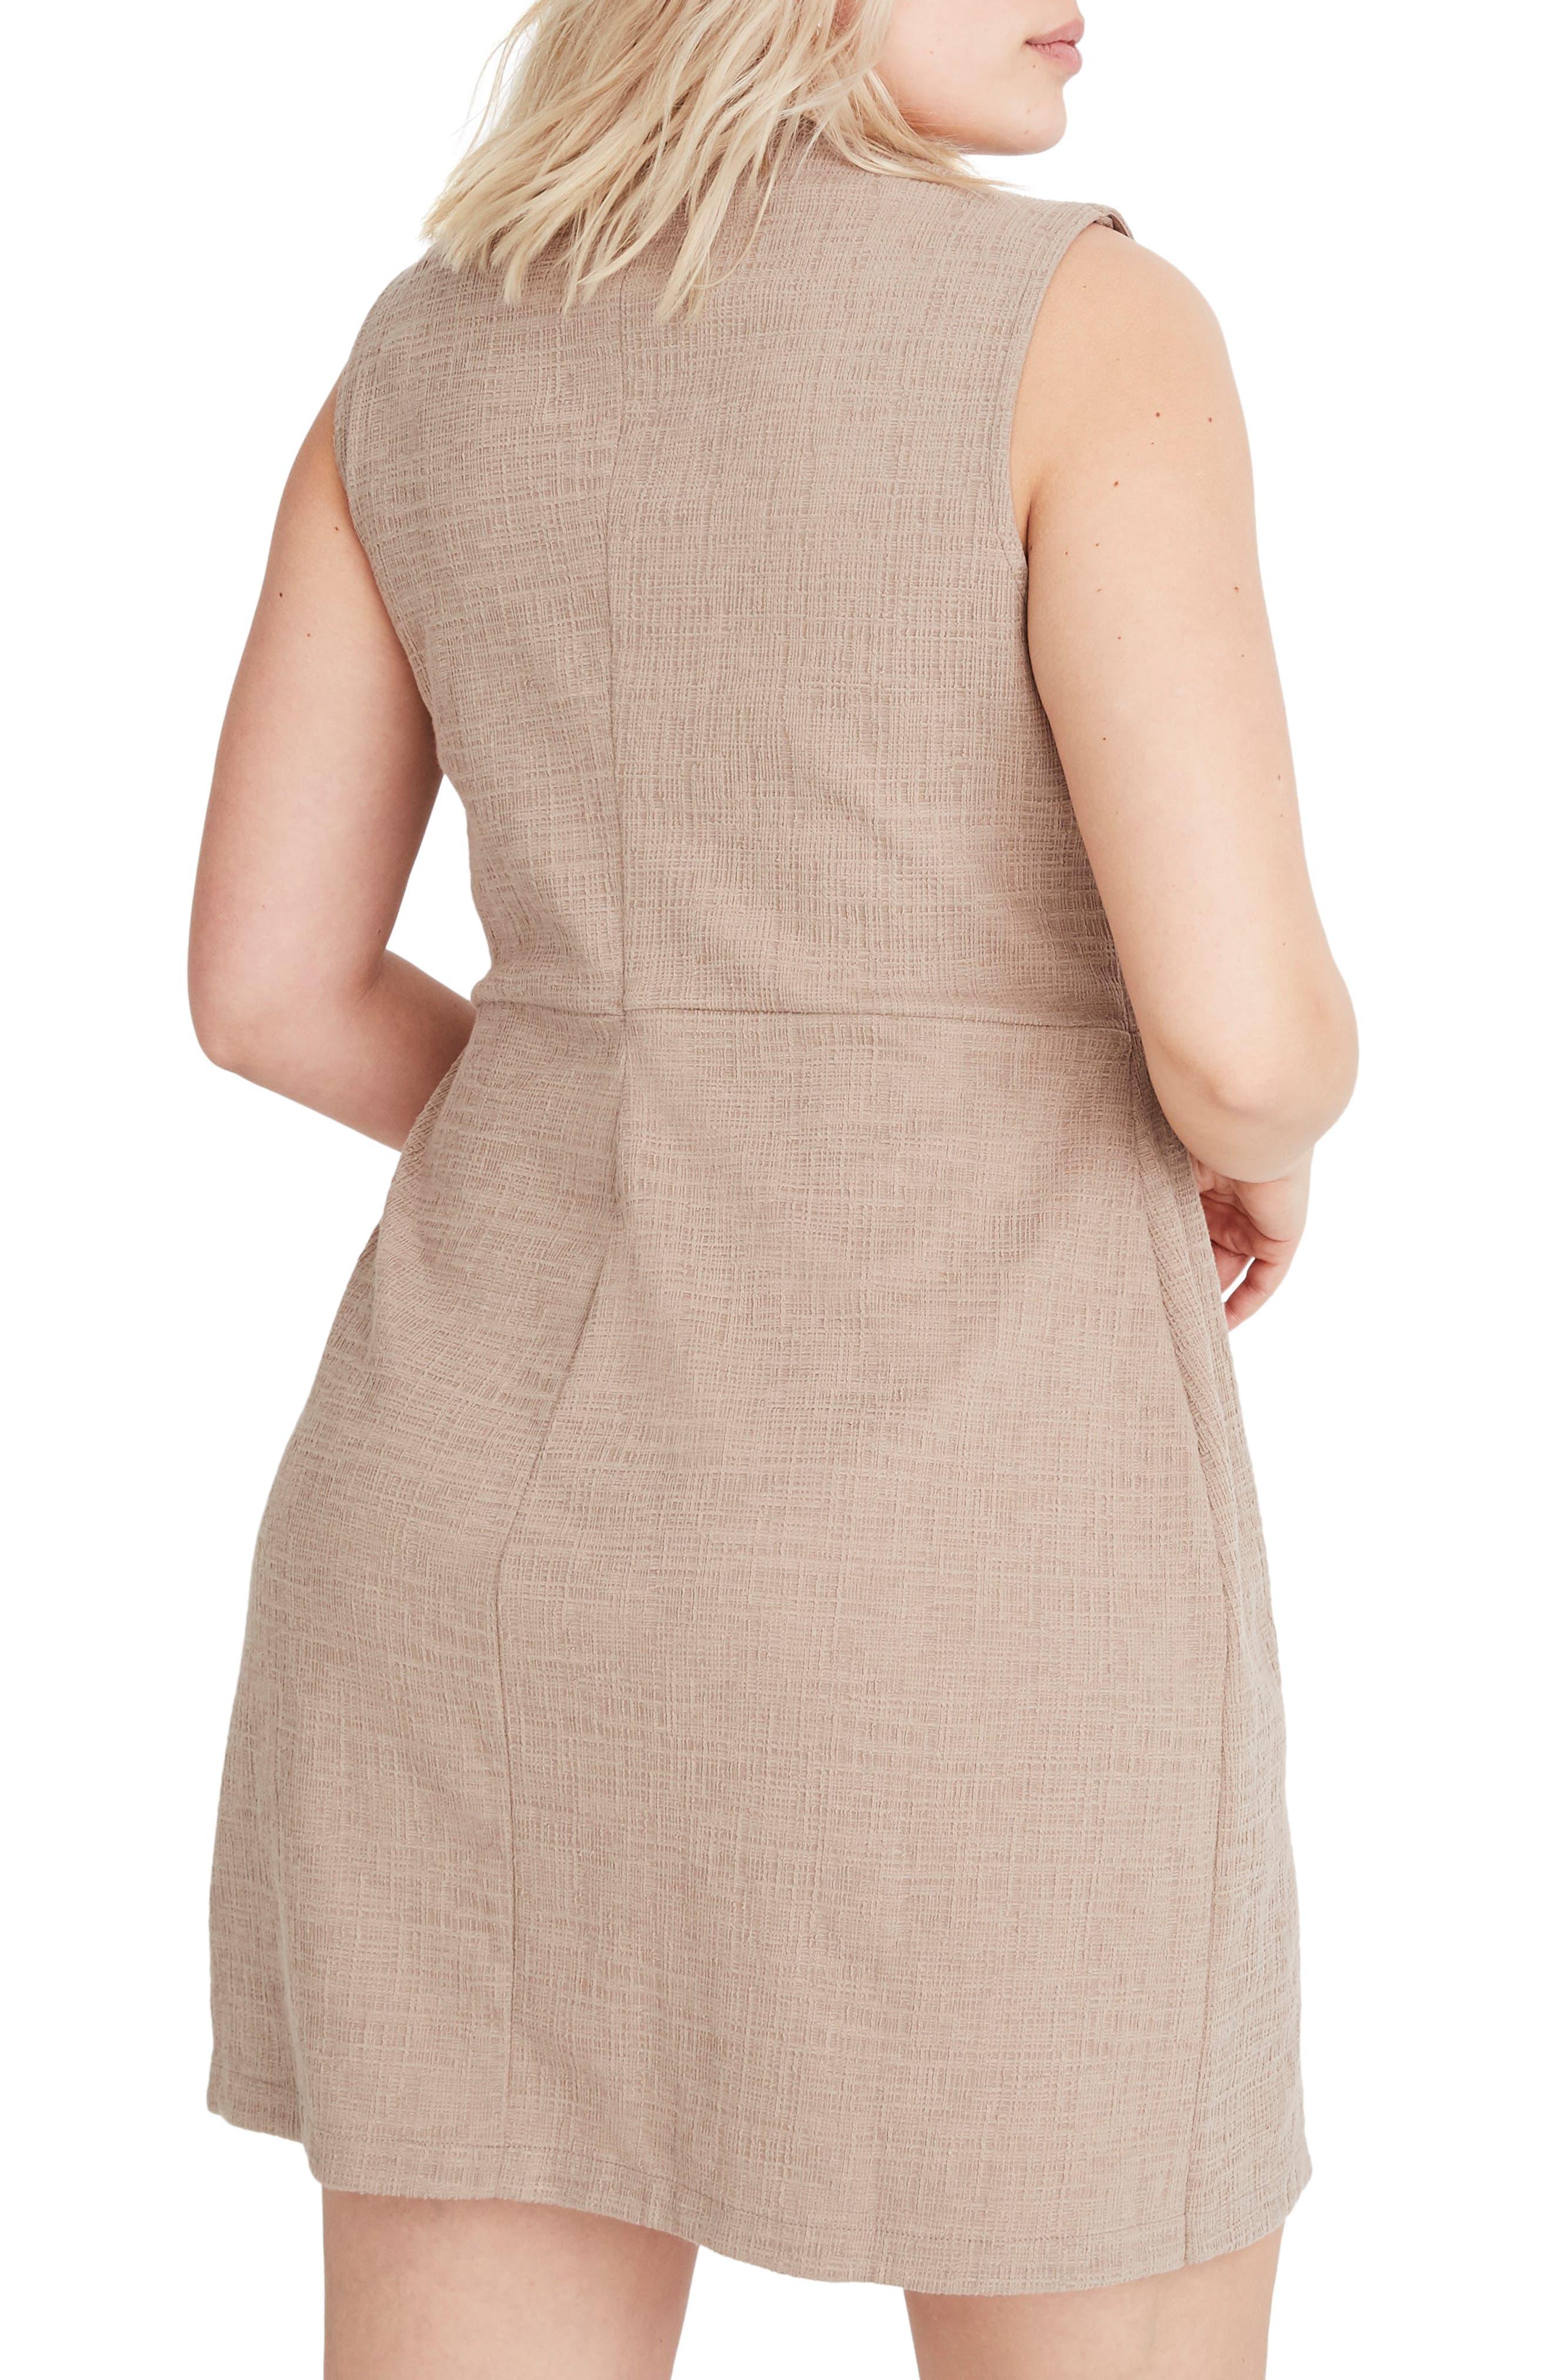 MADEWELL, Texture & Thread Side Tie Minidress, Alternate thumbnail 8, color, TELLURIDE STONE